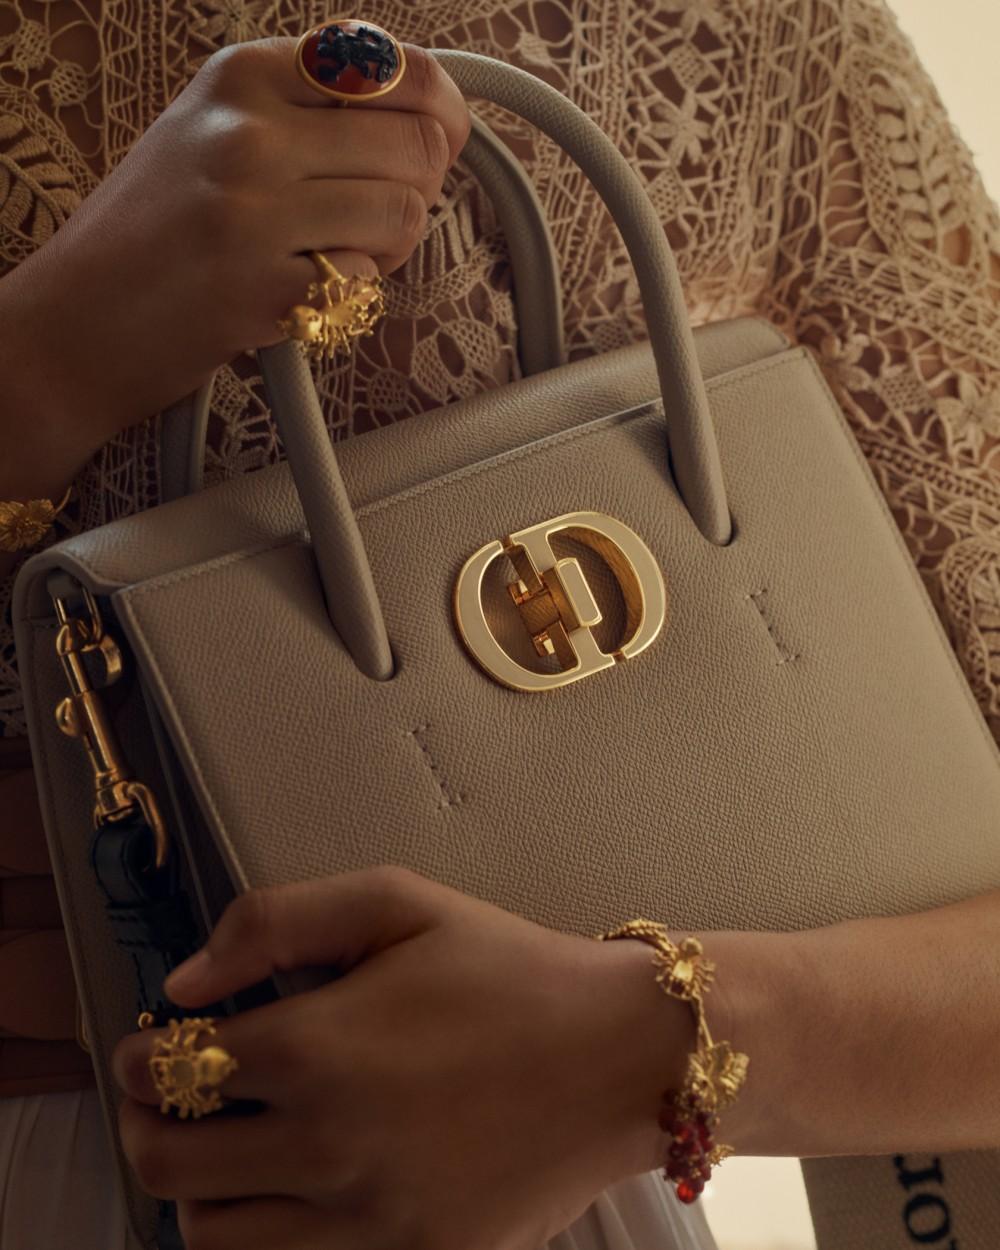 全新Dior St Honoré手袋登場 搶眼「CD」古典優雅實用型